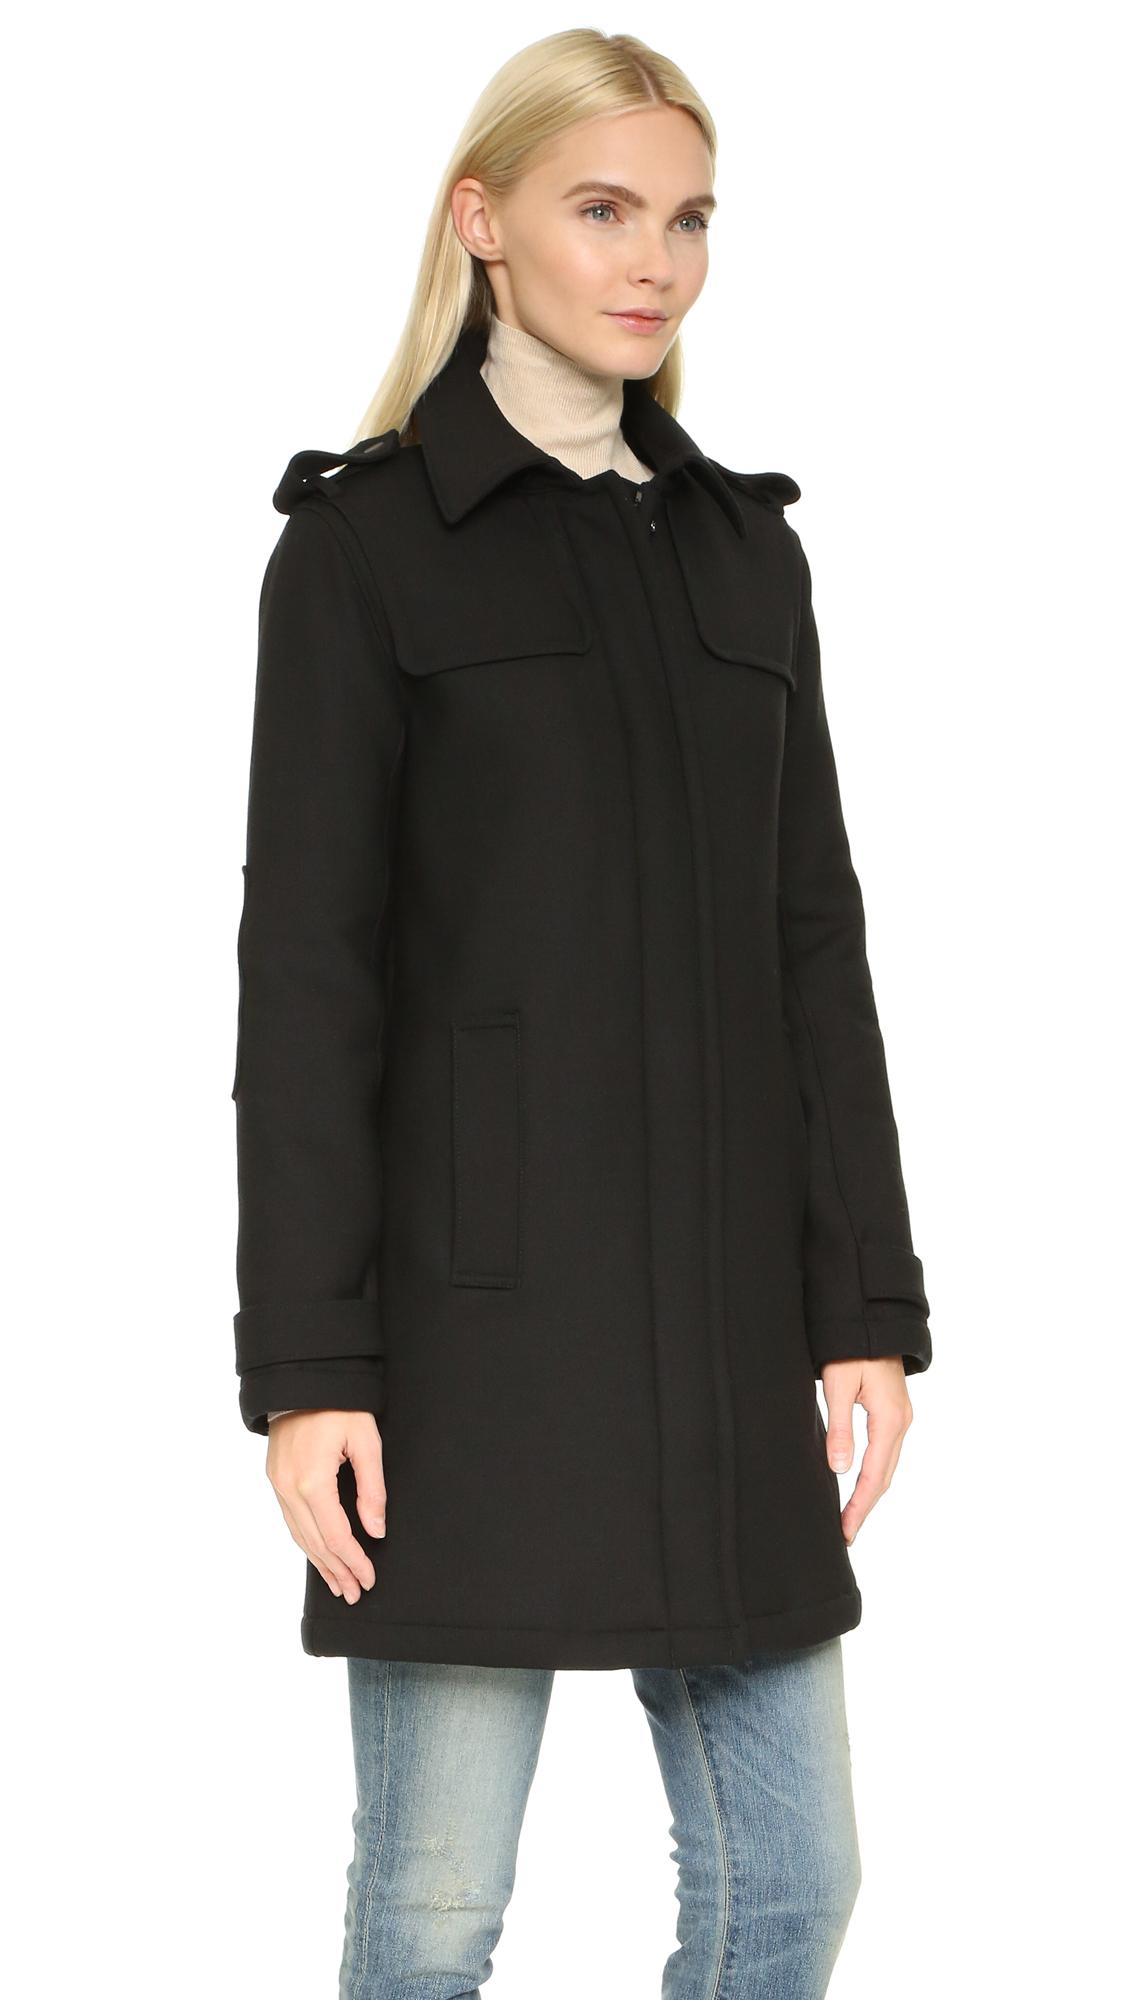 Ayr The Duffle Coat Shopbop